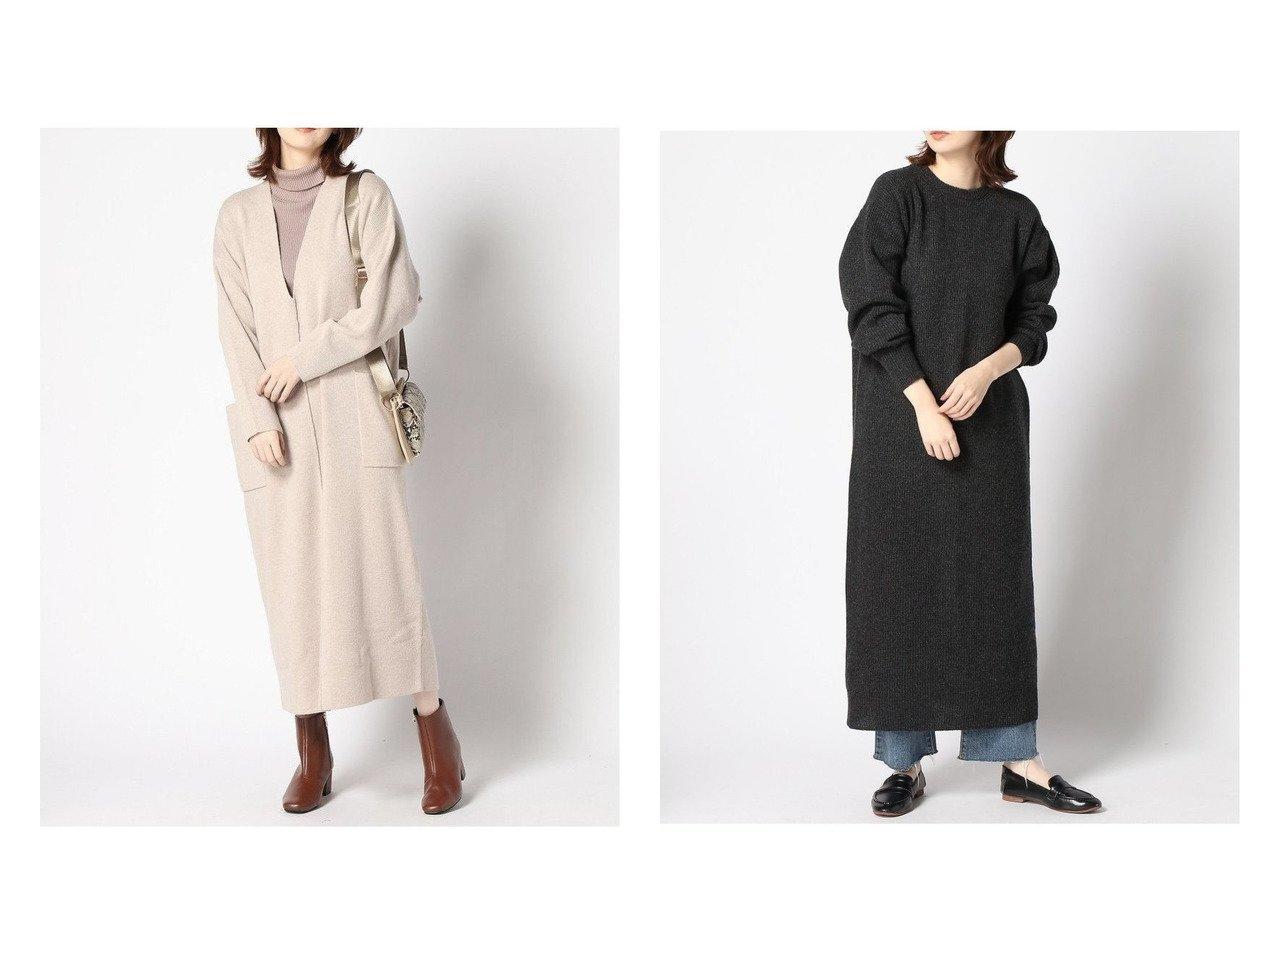 【FRAMeWORK/フレームワーク】のソウバリロングワンピ&【IENA/イエナ】の2way ウールコットンシルク ロングOP ワンピース・ドレスのおすすめ!人気、トレンド・レディースファッションの通販  おすすめで人気の流行・トレンド、ファッションの通販商品 メンズファッション・キッズファッション・インテリア・家具・レディースファッション・服の通販 founy(ファニー) https://founy.com/ ファッション Fashion レディースファッション WOMEN ワンピース Dress ニットワンピース Knit Dresses 2020年 2020 2020-2021 秋冬 A/W AW Autumn/Winter / FW Fall-Winter 2020-2021 A/W 秋冬 AW Autumn/Winter / FW Fall-Winter リラックス NEW・新作・新着・新入荷 New Arrivals カーディガン ロング 冬 Winter 春 |ID:crp329100000010176